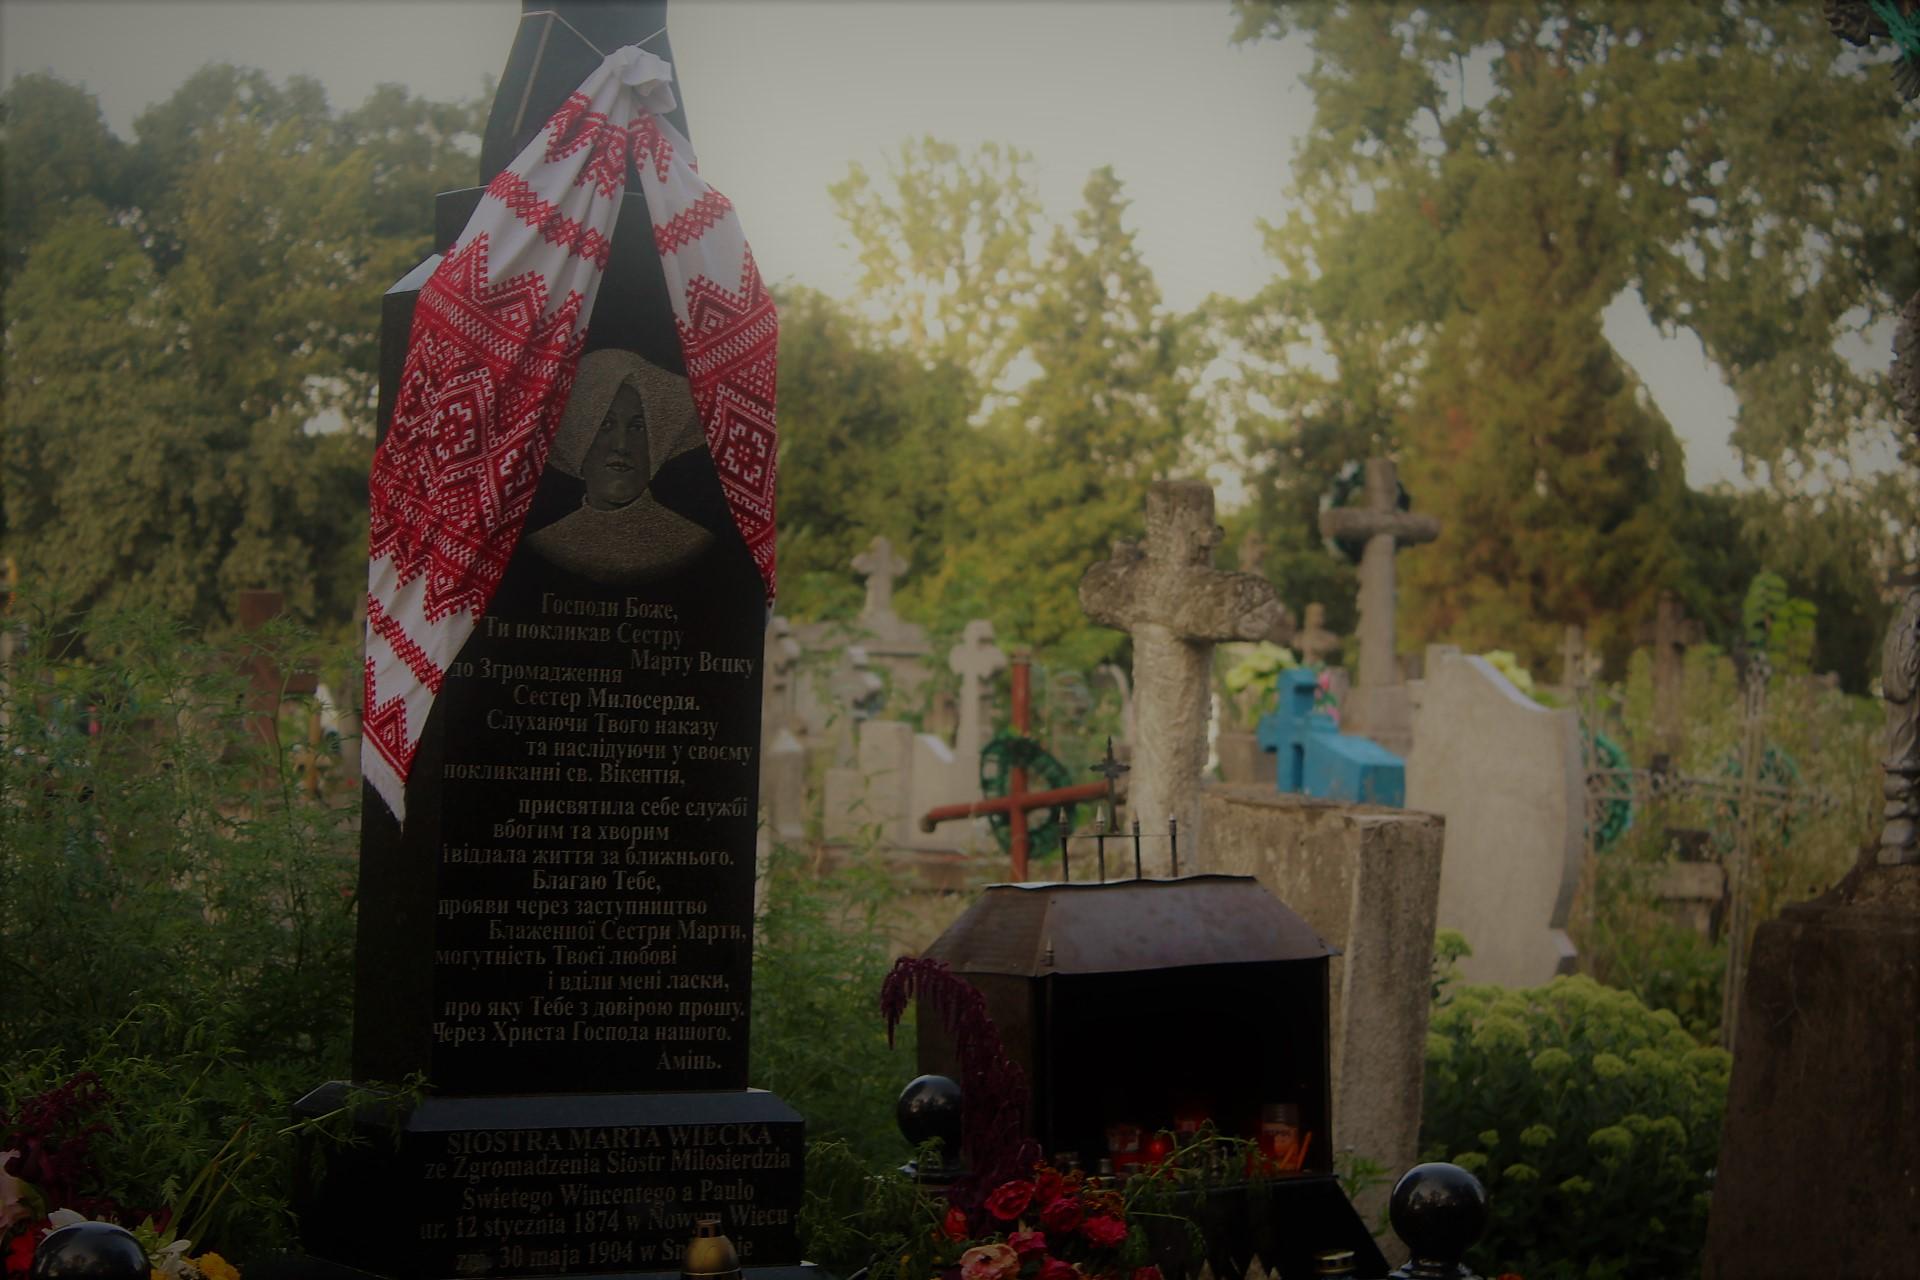 """""""Na cmentarzu jest także grób bardzo ważny i łączący jeszcze bardziej te tereny z Polską. Grób Błogosławionej Marty Wieckiej"""" fot. P.Ch. / zKaszub.info"""